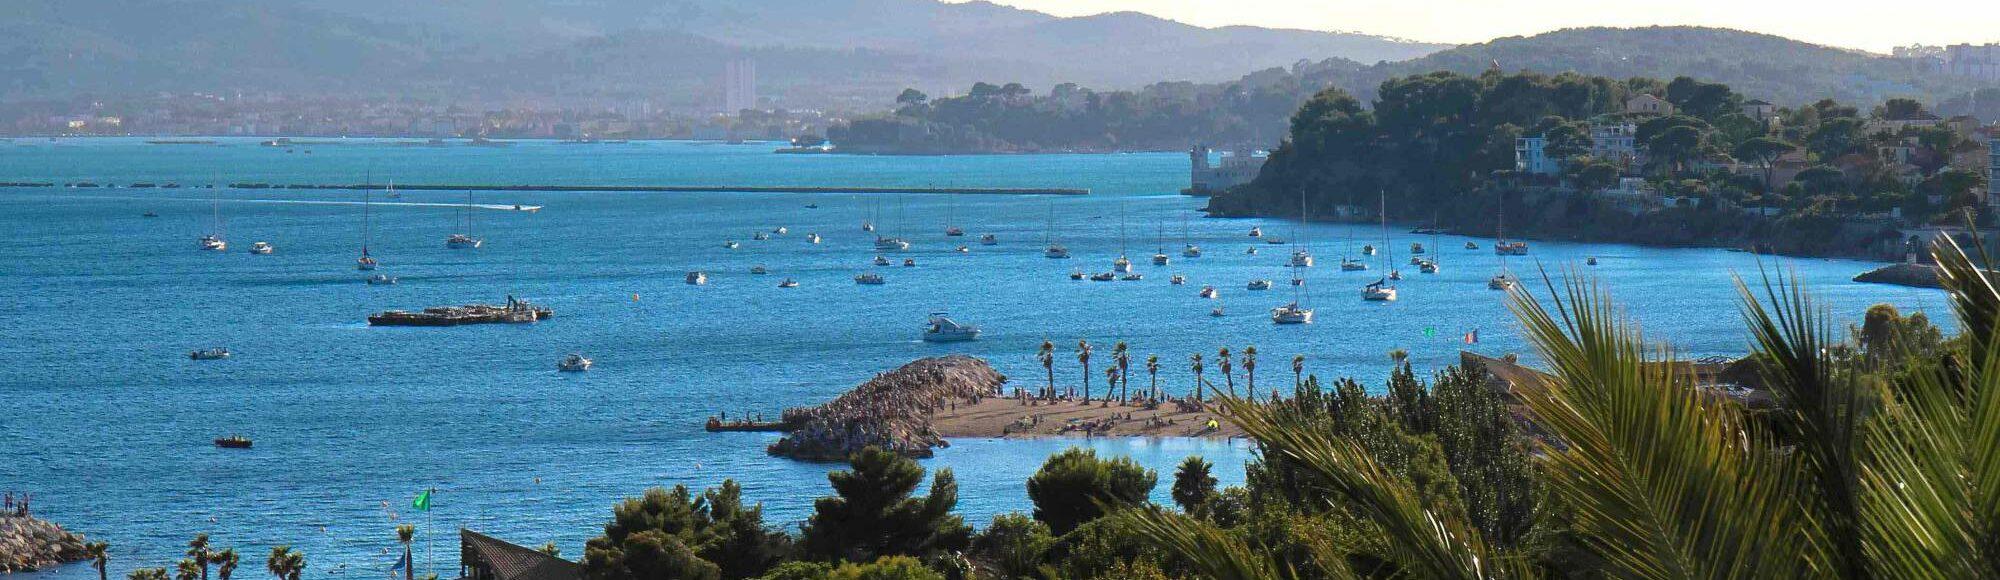 Hôtel à Toulon Les Voiles vue mer